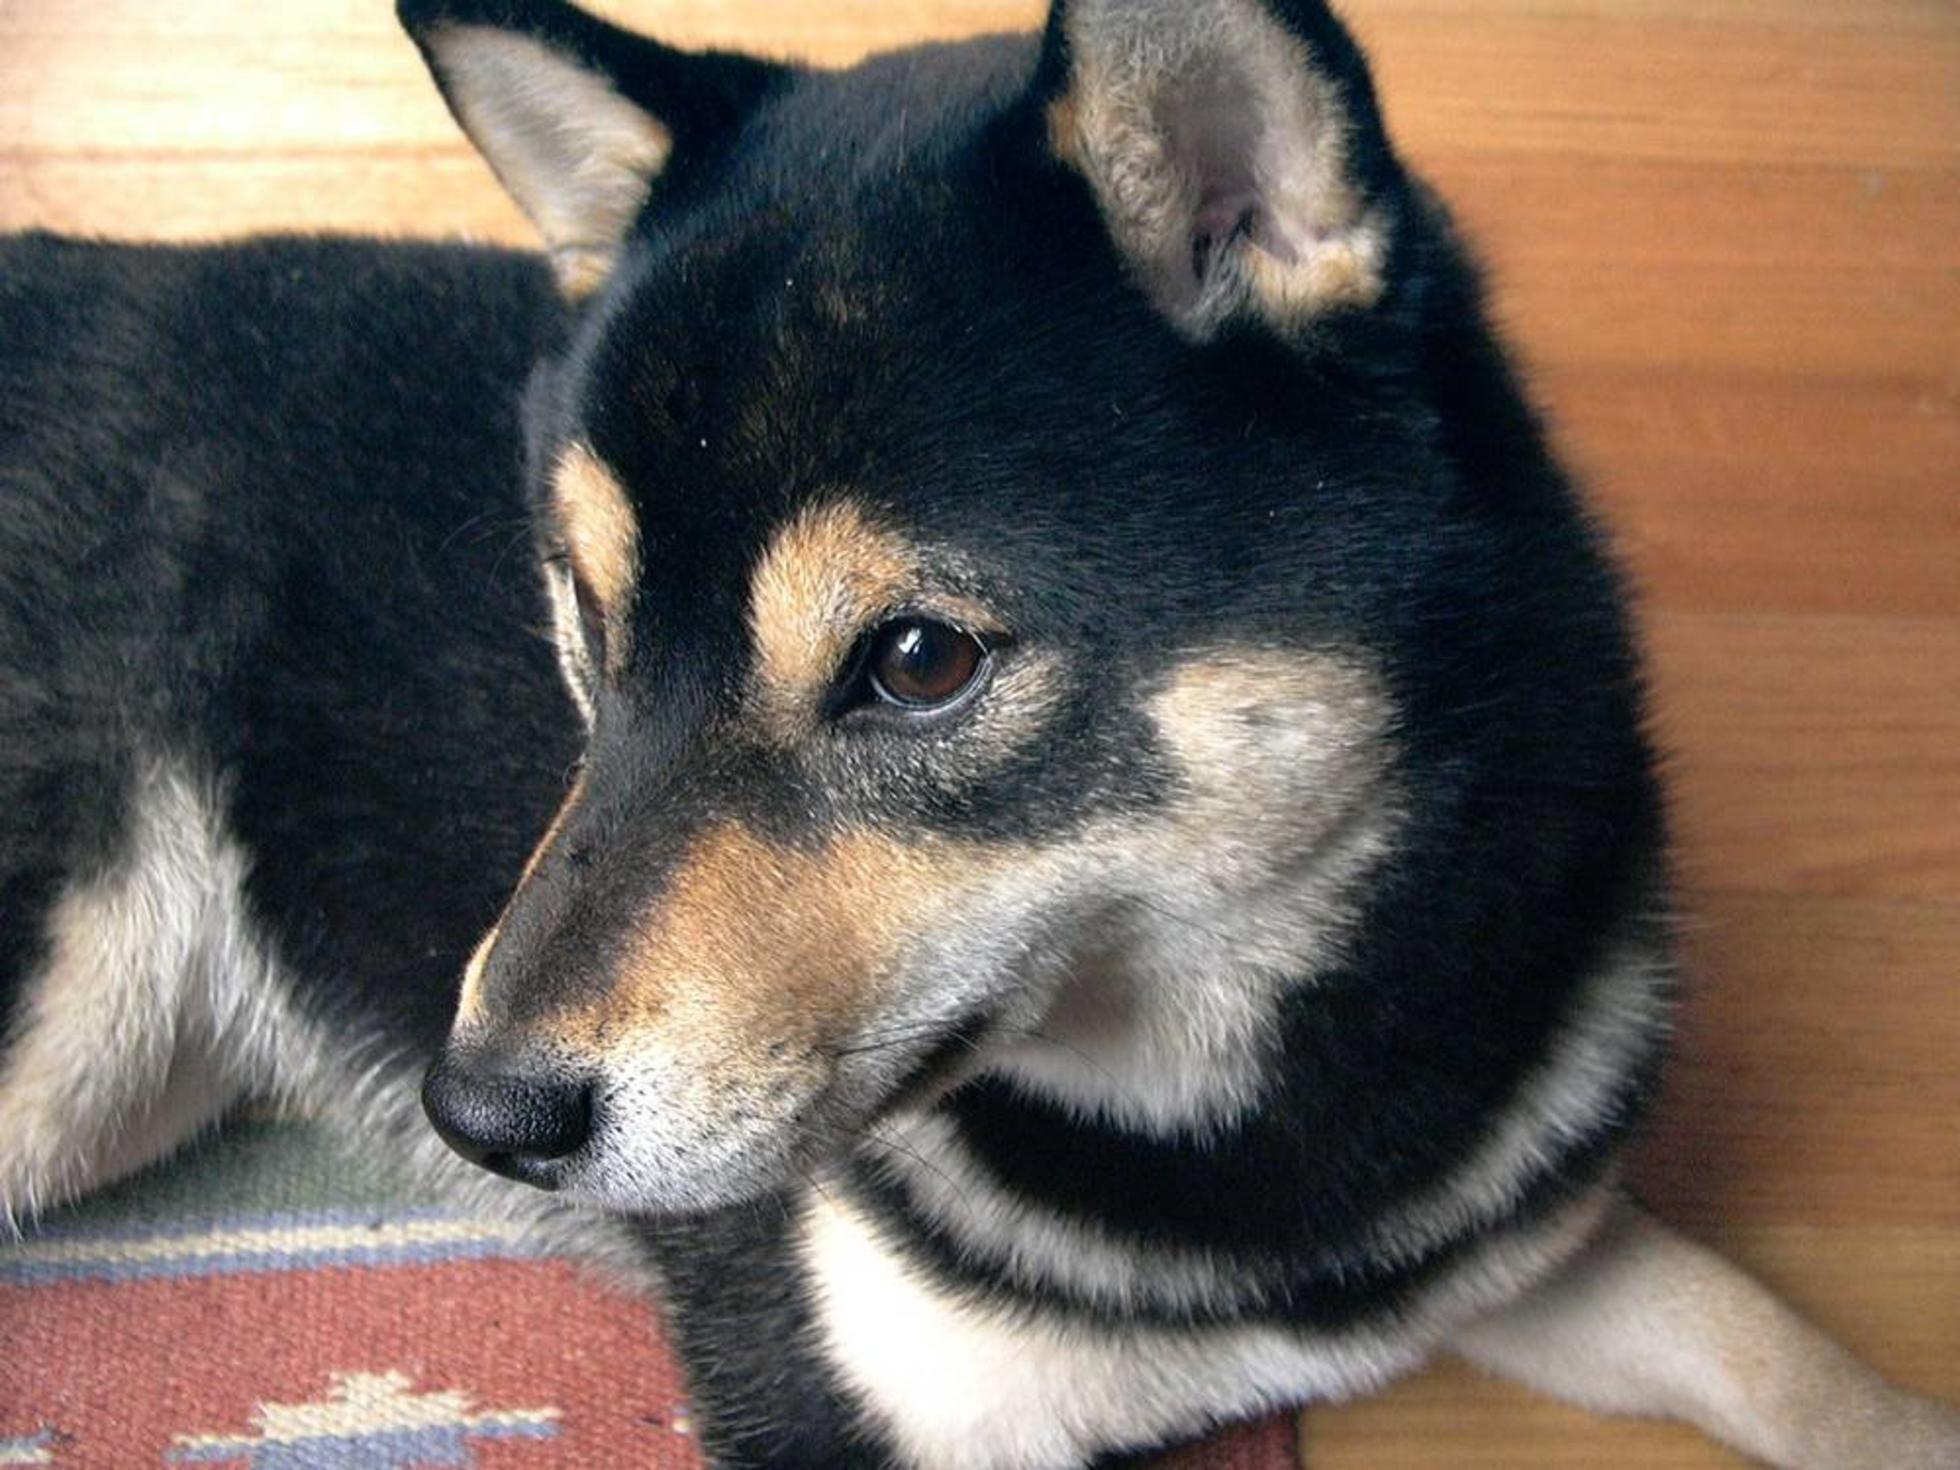 Free Wallpaper Shiba Inu Puppy Dog Shiba Inu Dog Shiba Inu Shiba Inu Puppy